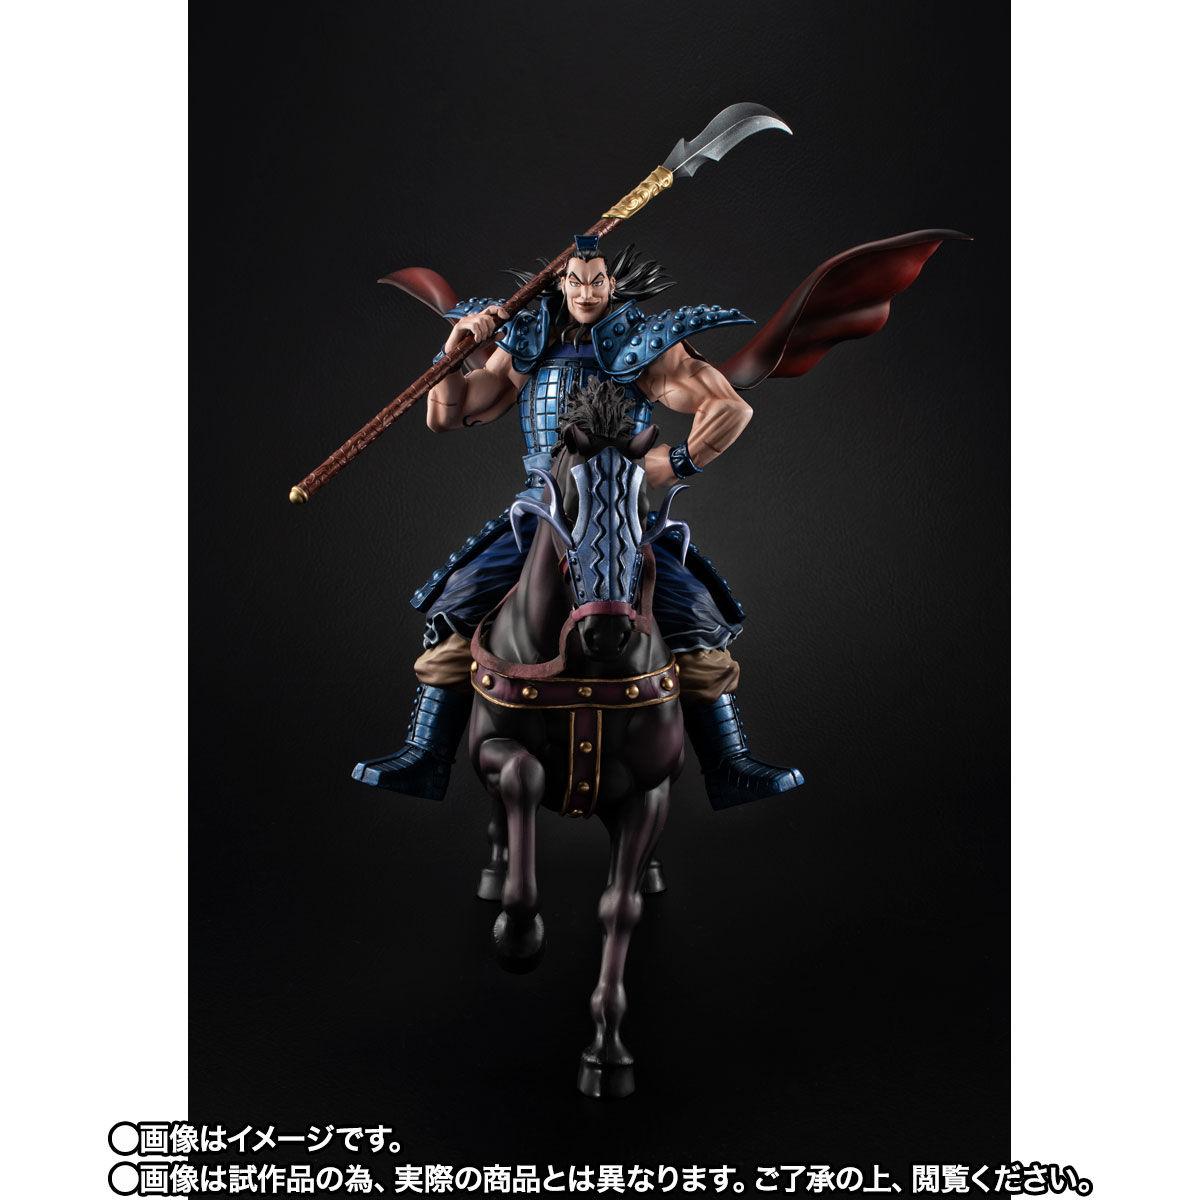 【限定販売】フィギュアーツZERO『王騎 -出陣-』キングダム 完成品フィギュア-002